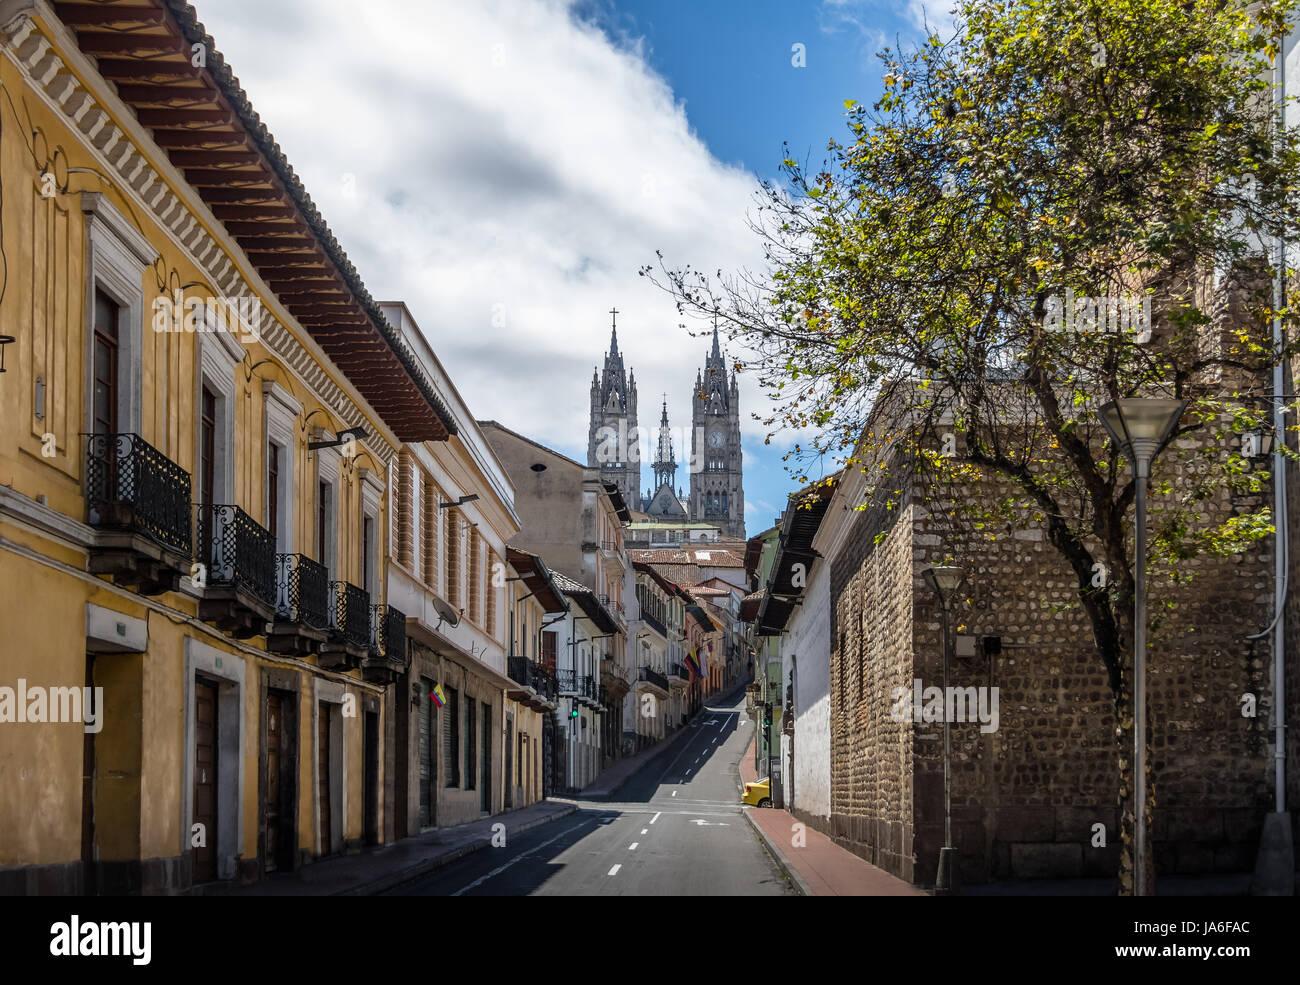 Calle de Quito y la Basílica del voto nacional, Quito, Ecuador Imagen De Stock